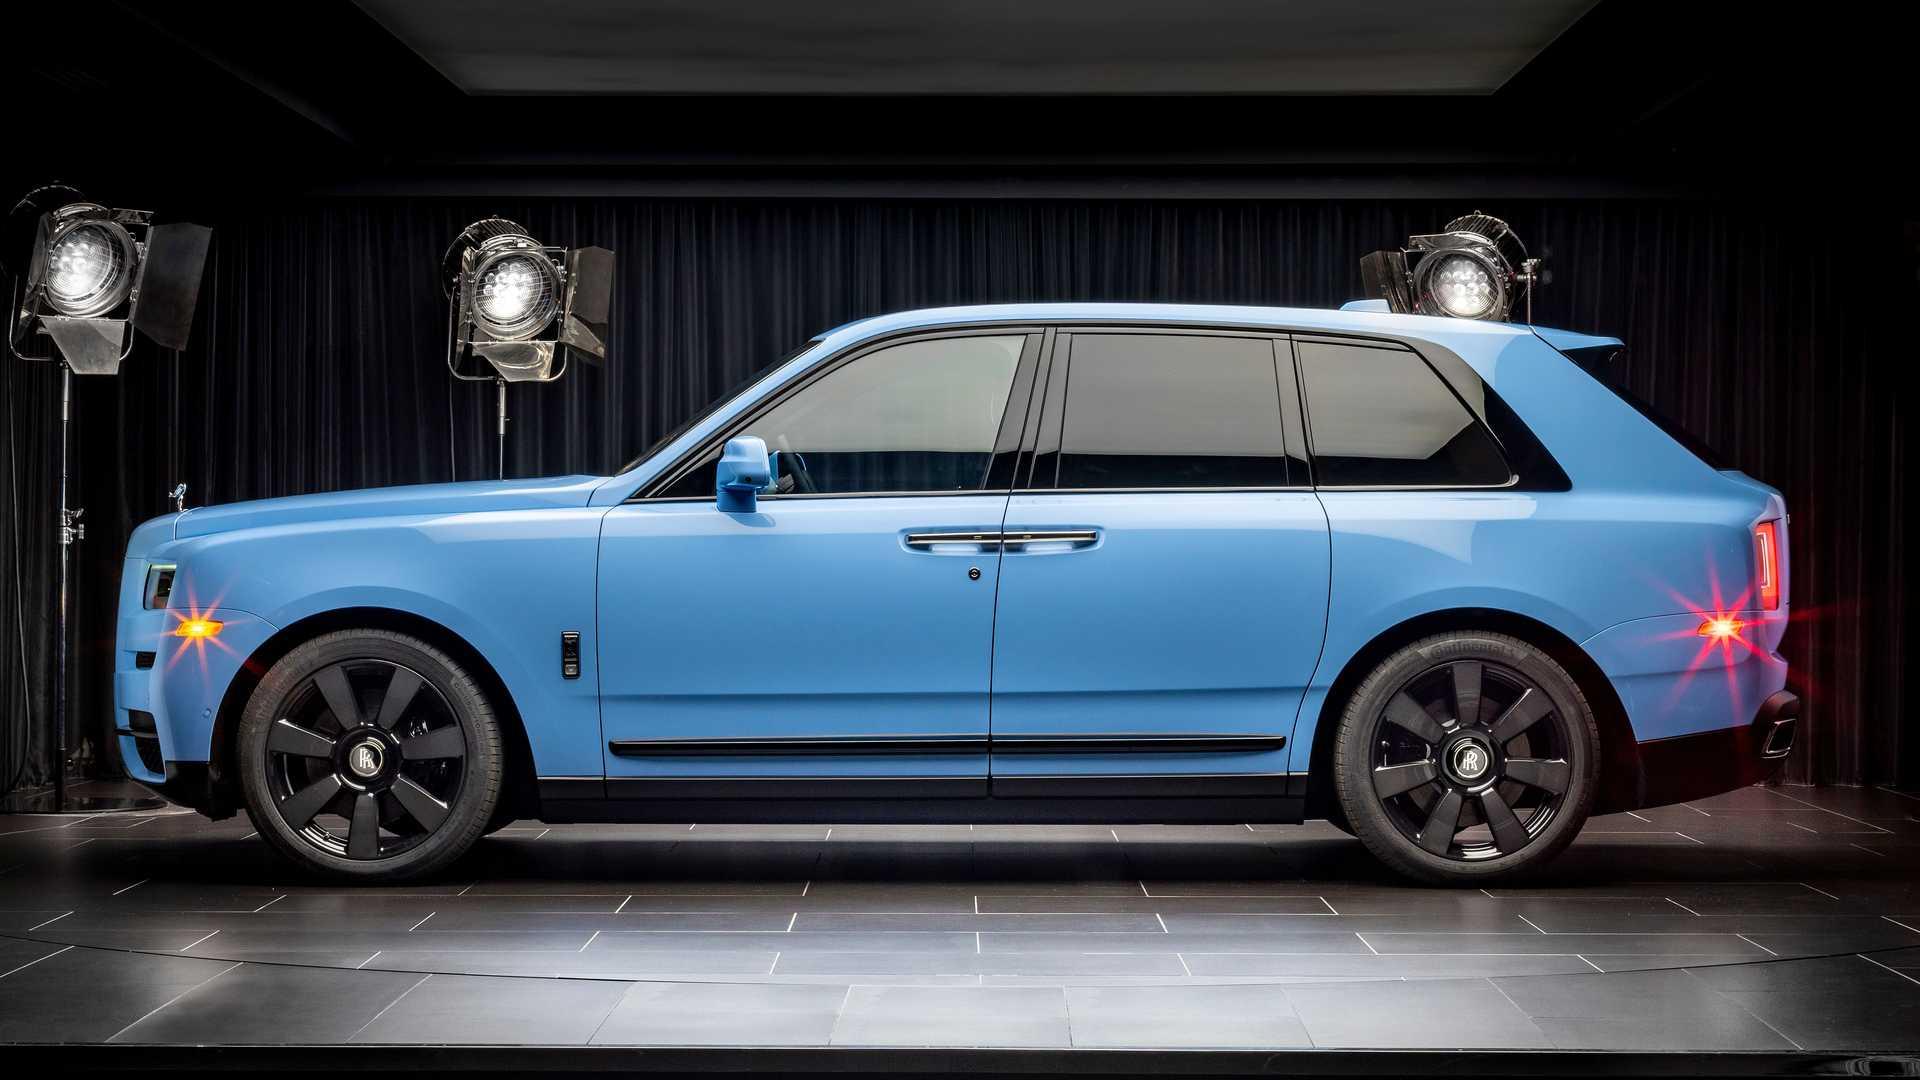 Rolls-Royce-Cullinan-bespoke-colors-2